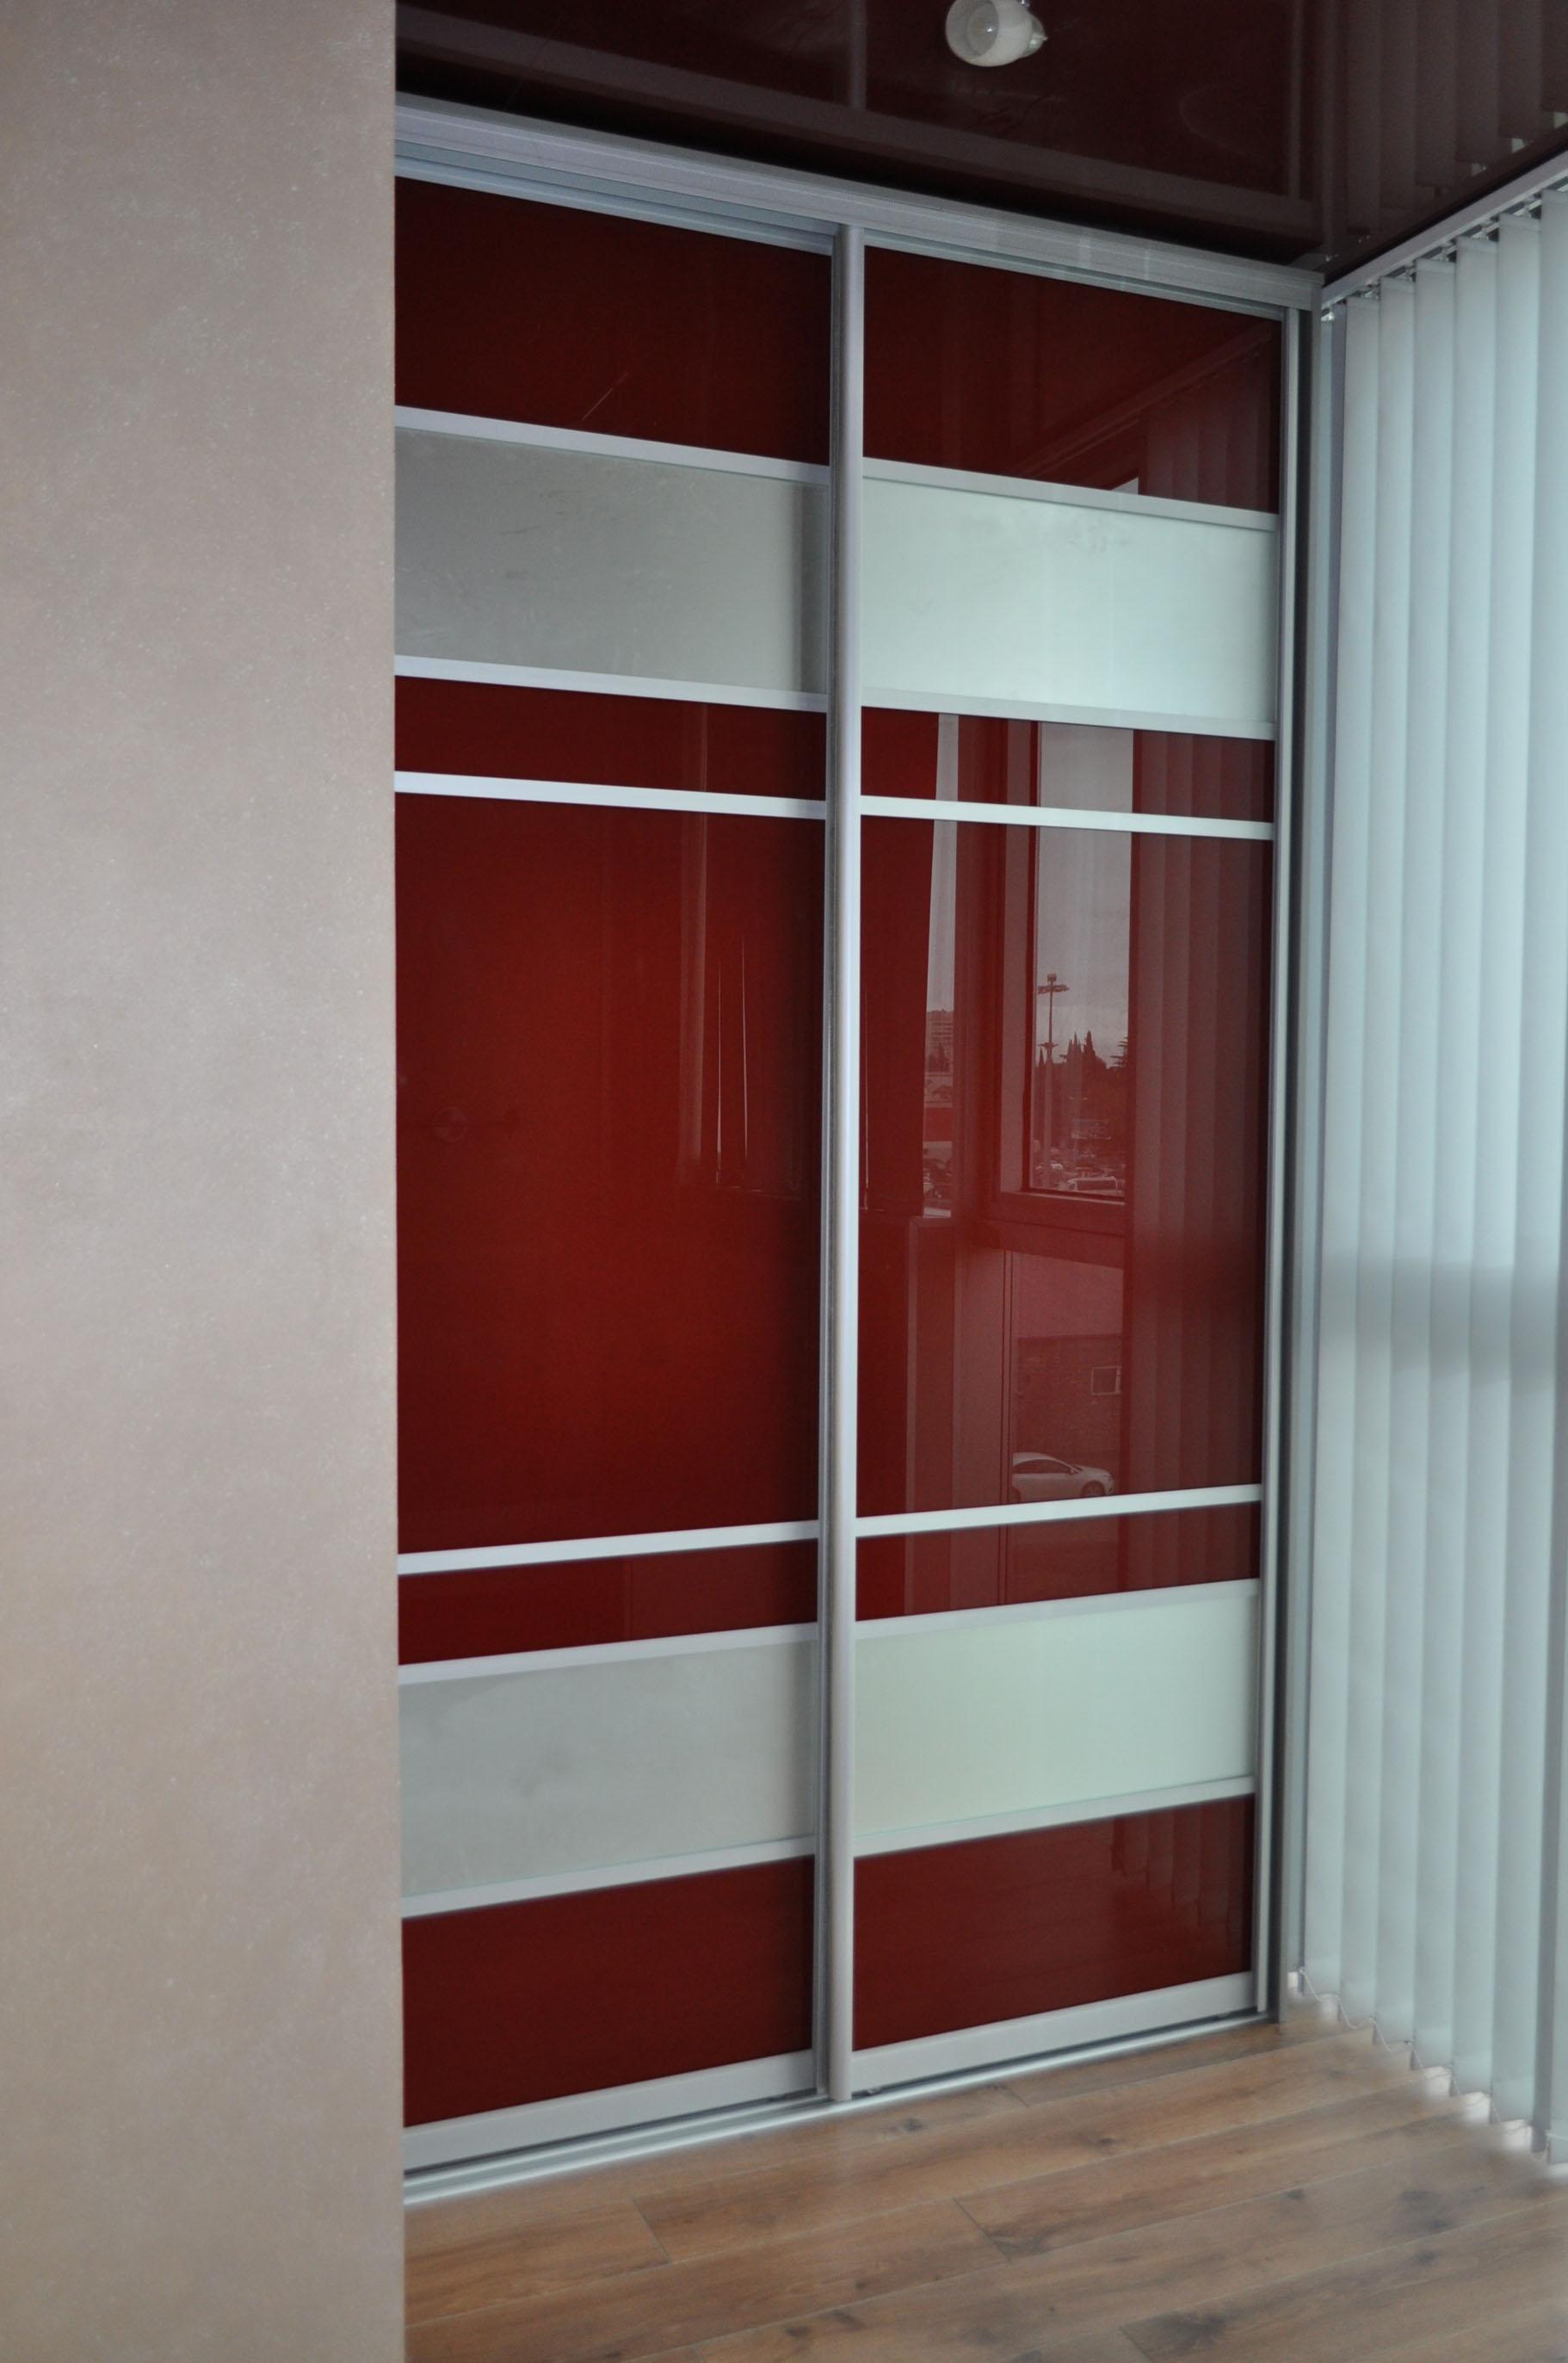 Шкаф-купе с глянцевыми дверями